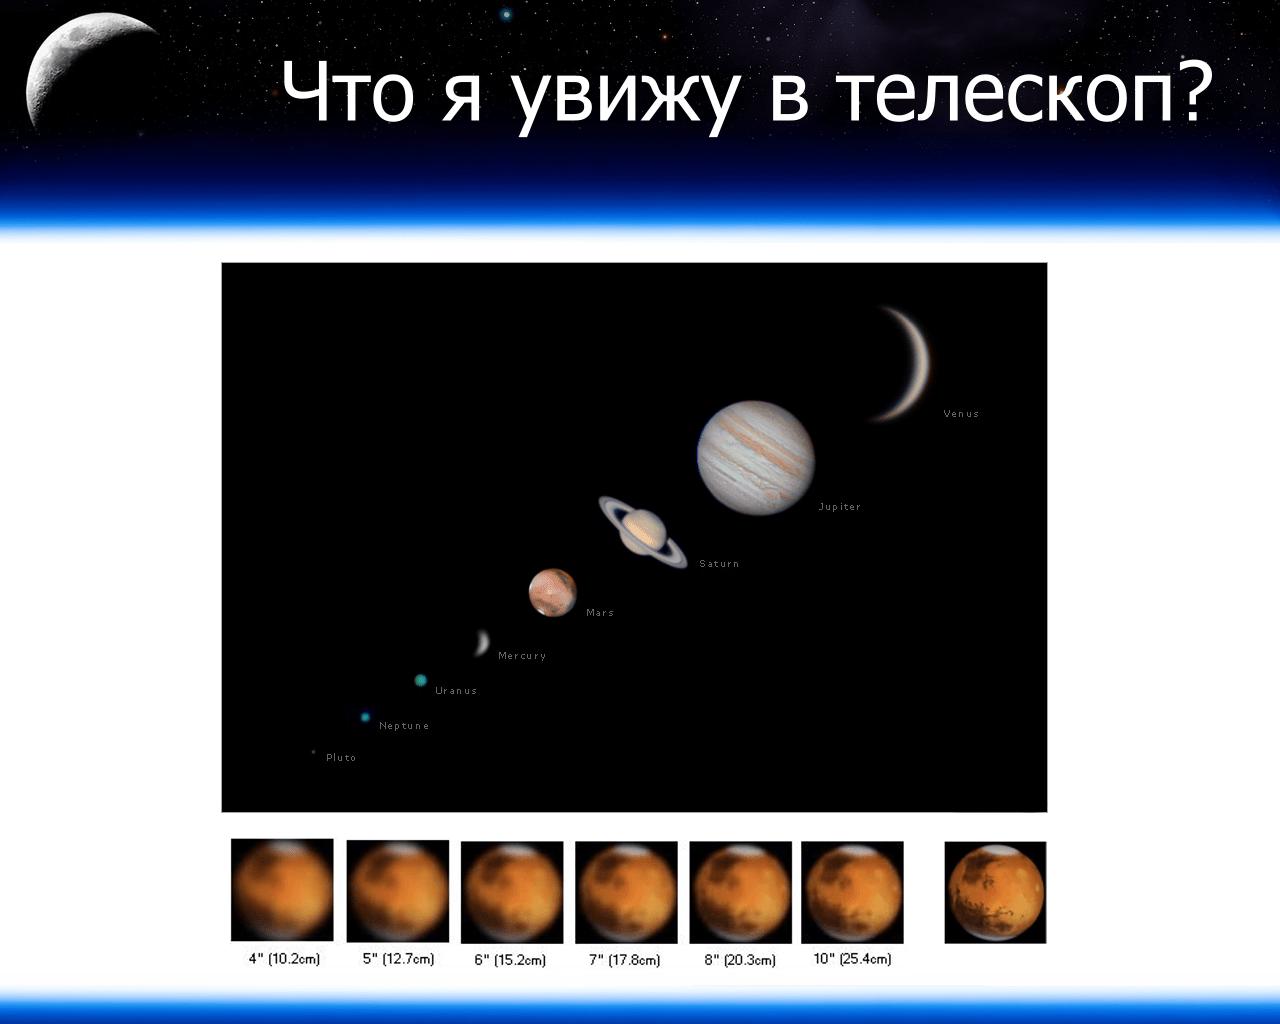 viziunea 20 ce înseamnă Test de vedere Solnechnogorsk